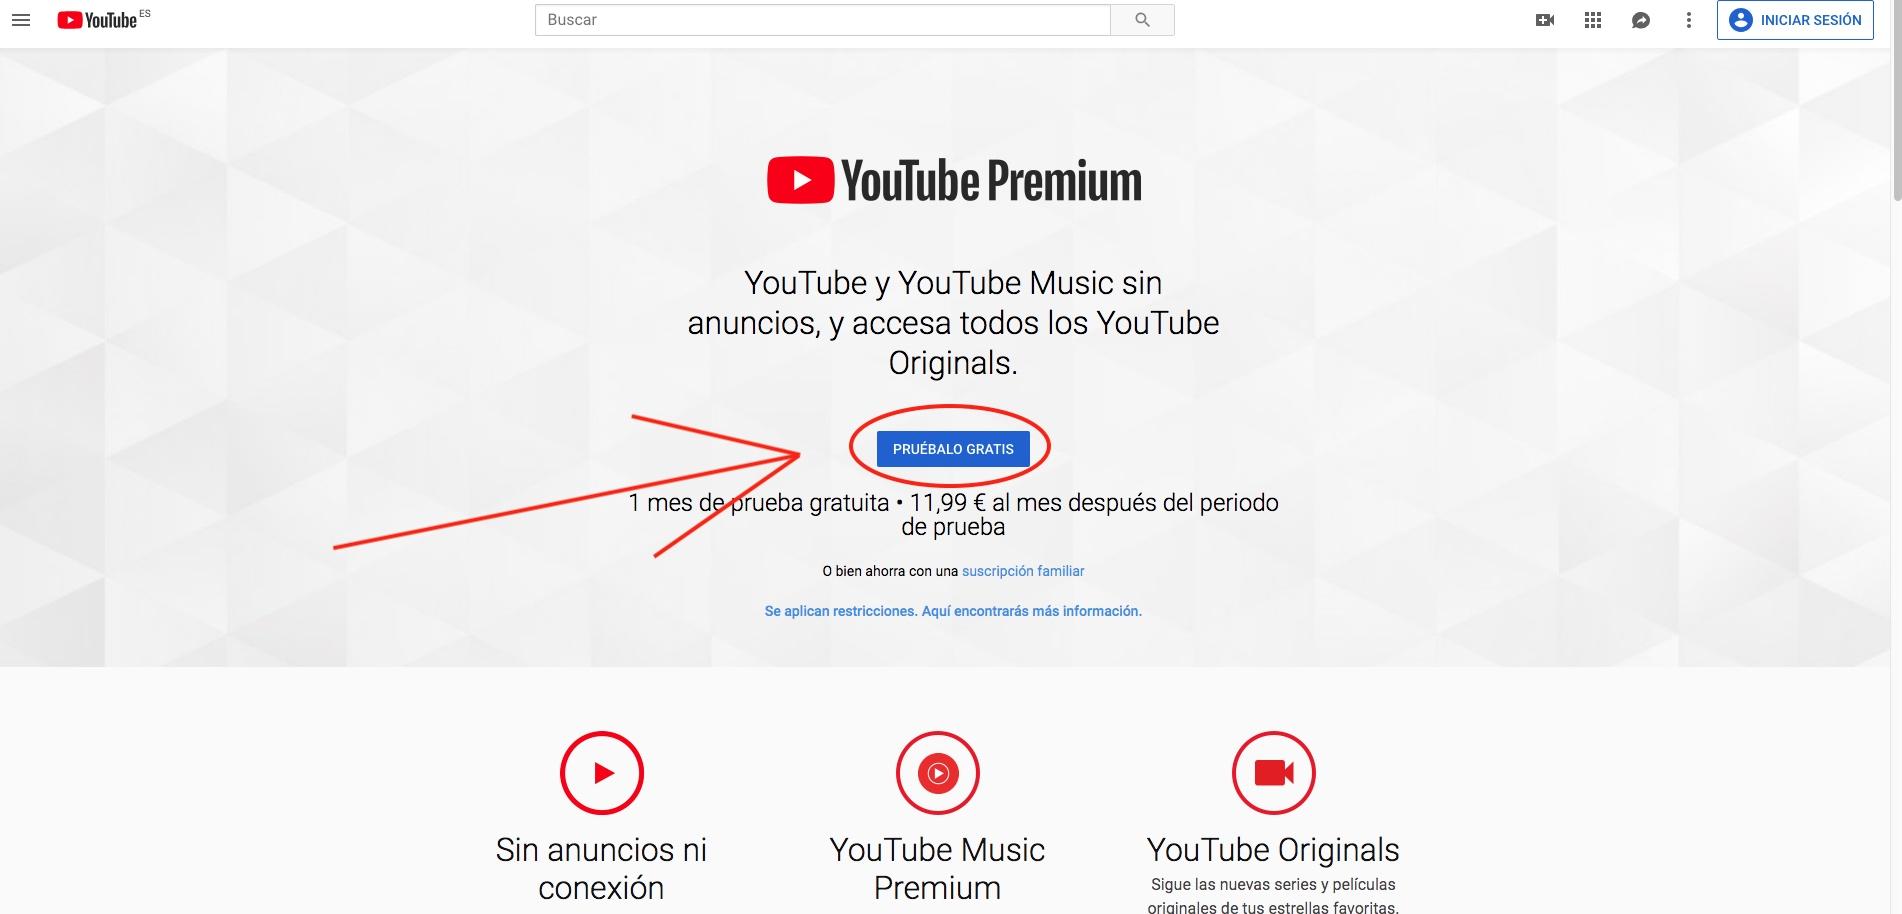 YouTube Premium mes gratis